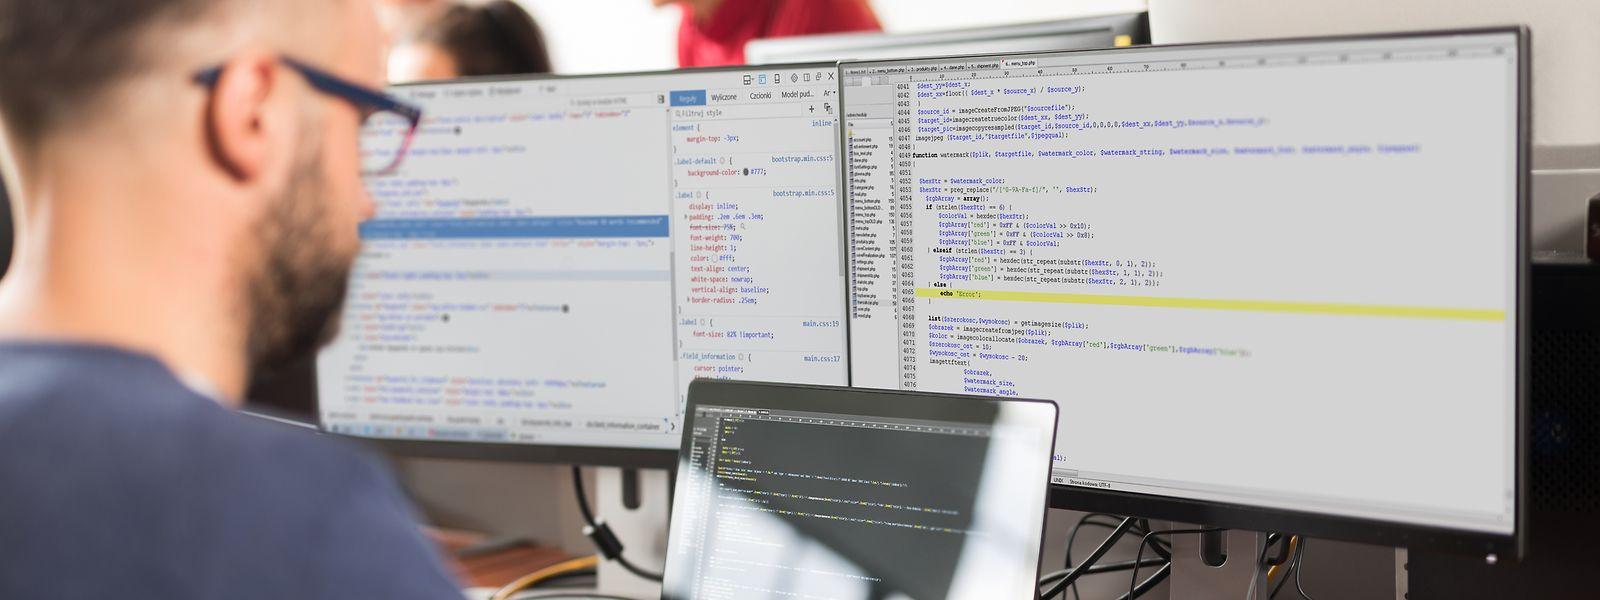 Les spécialistes des TIC sont parmi les profils les plus recherchés sur le marché luxembourgeois du travail.